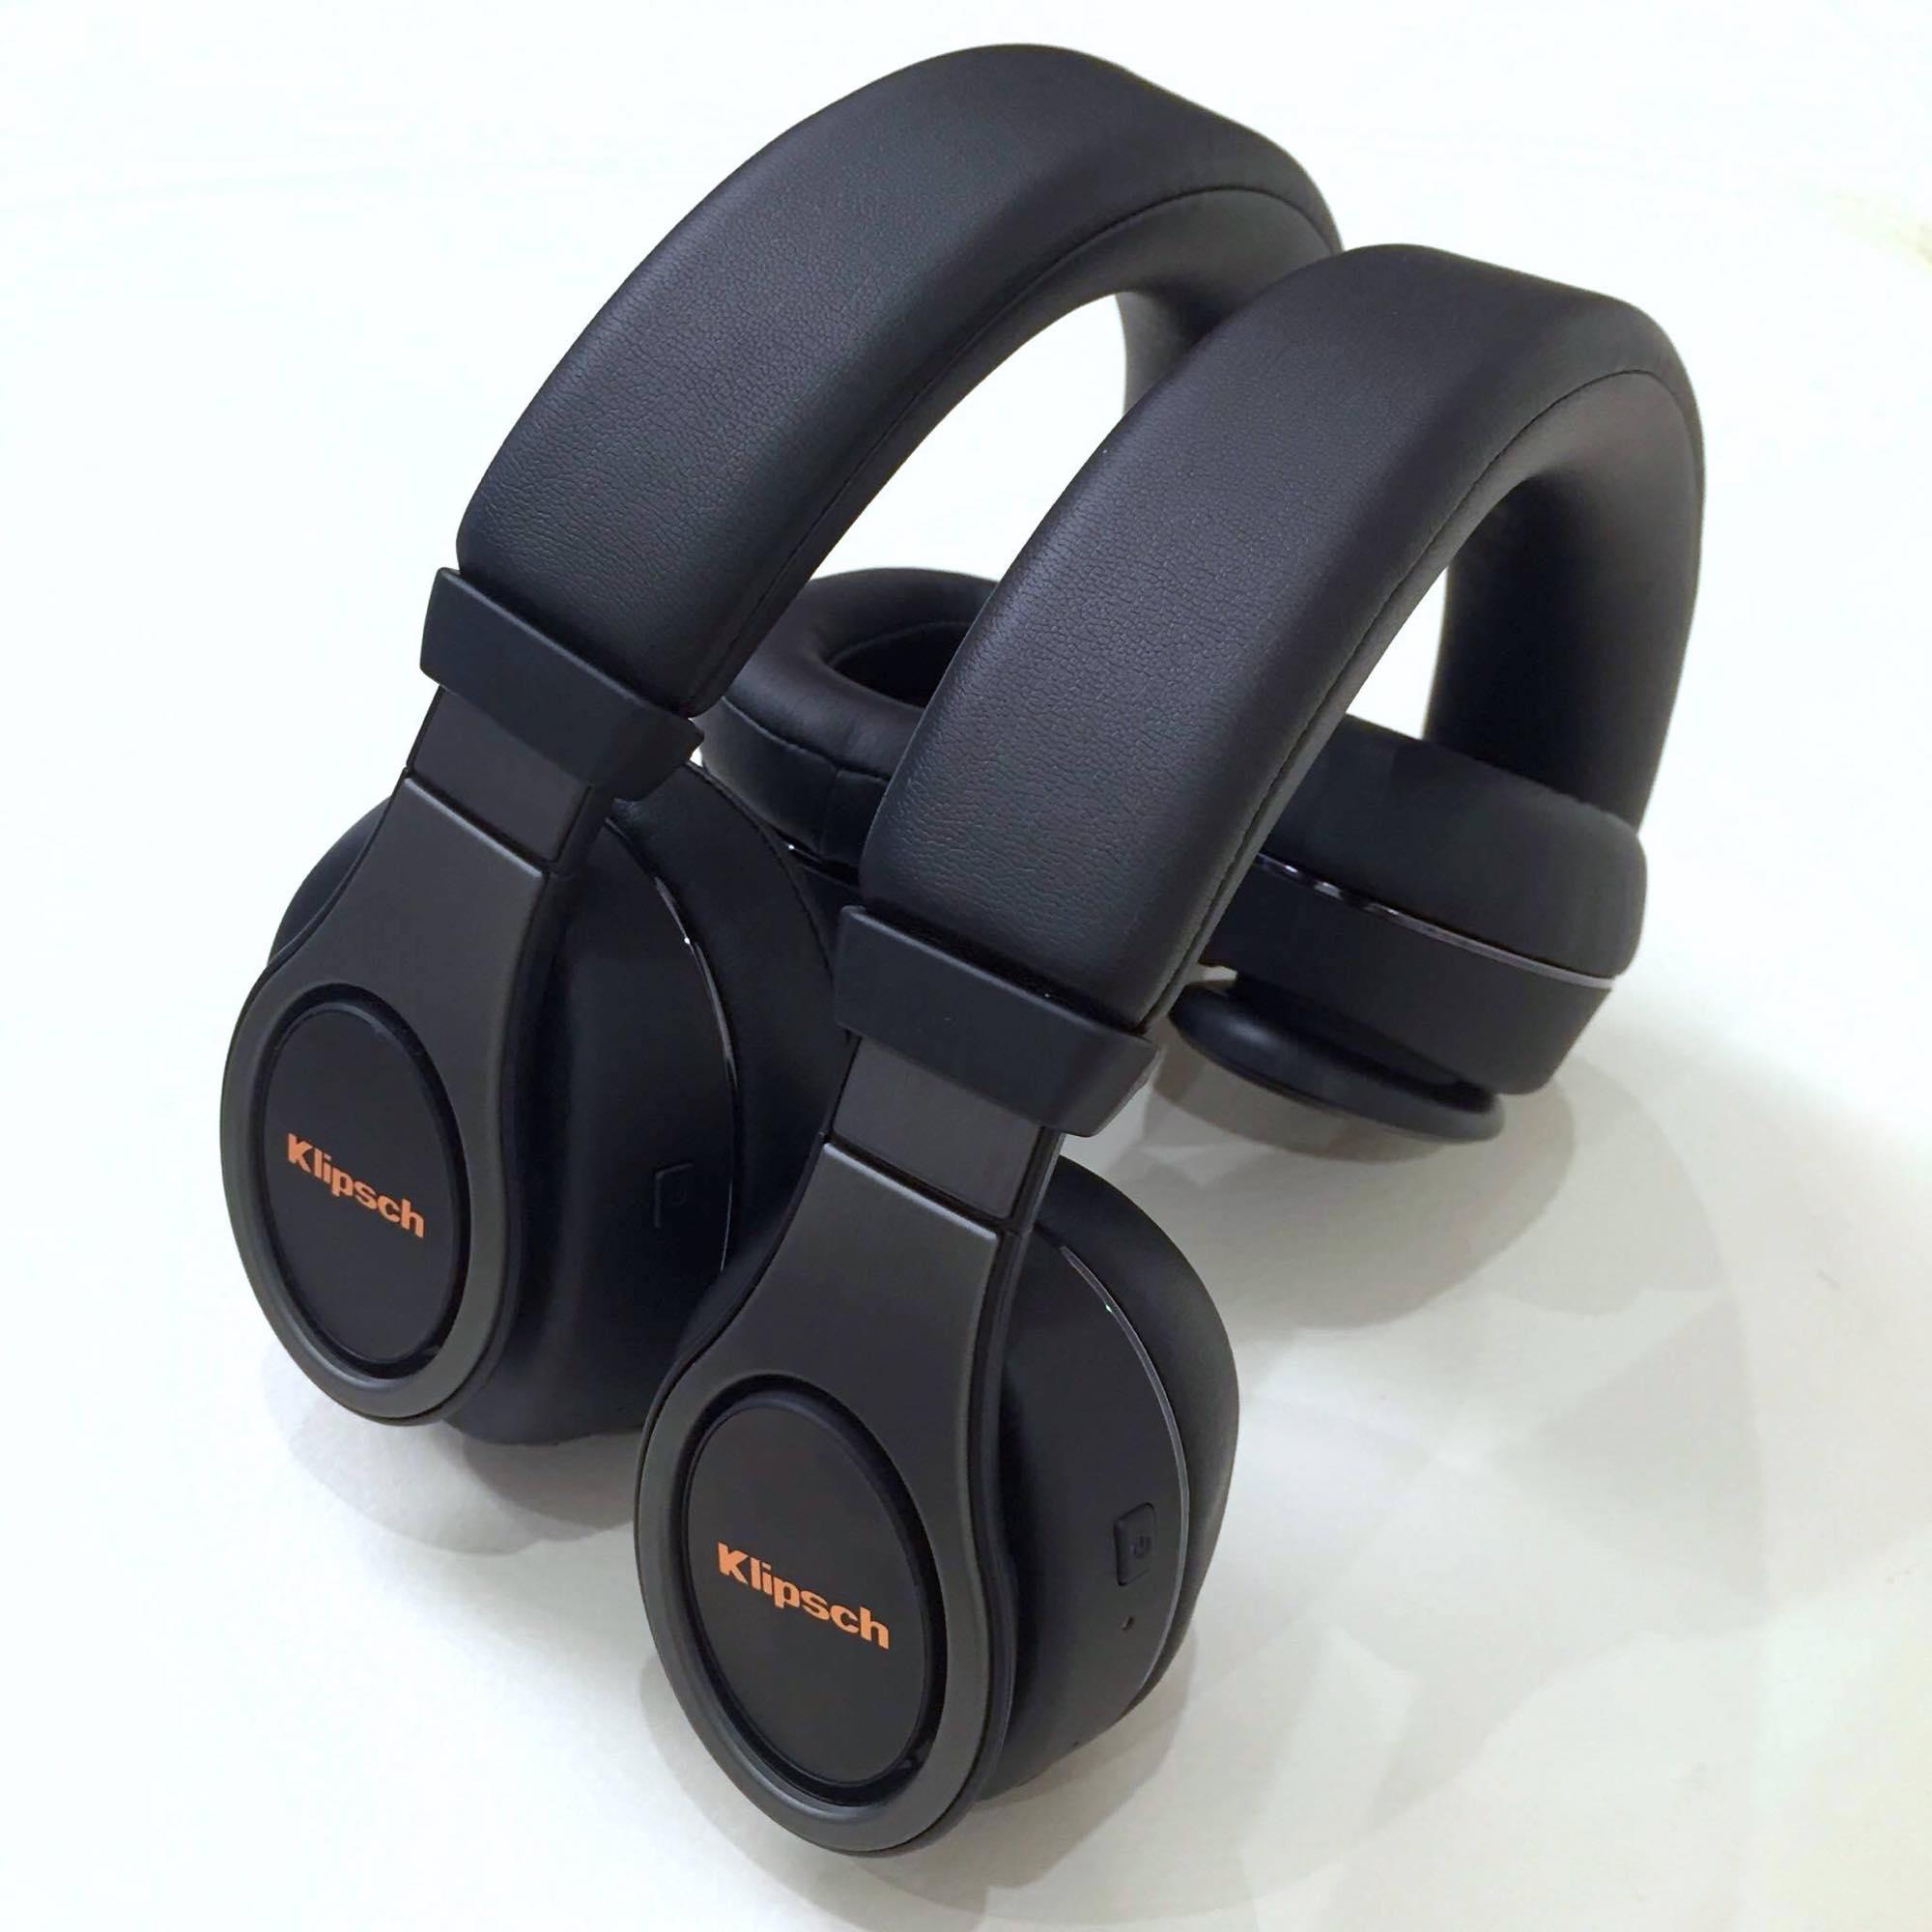 klipsch-headphone3